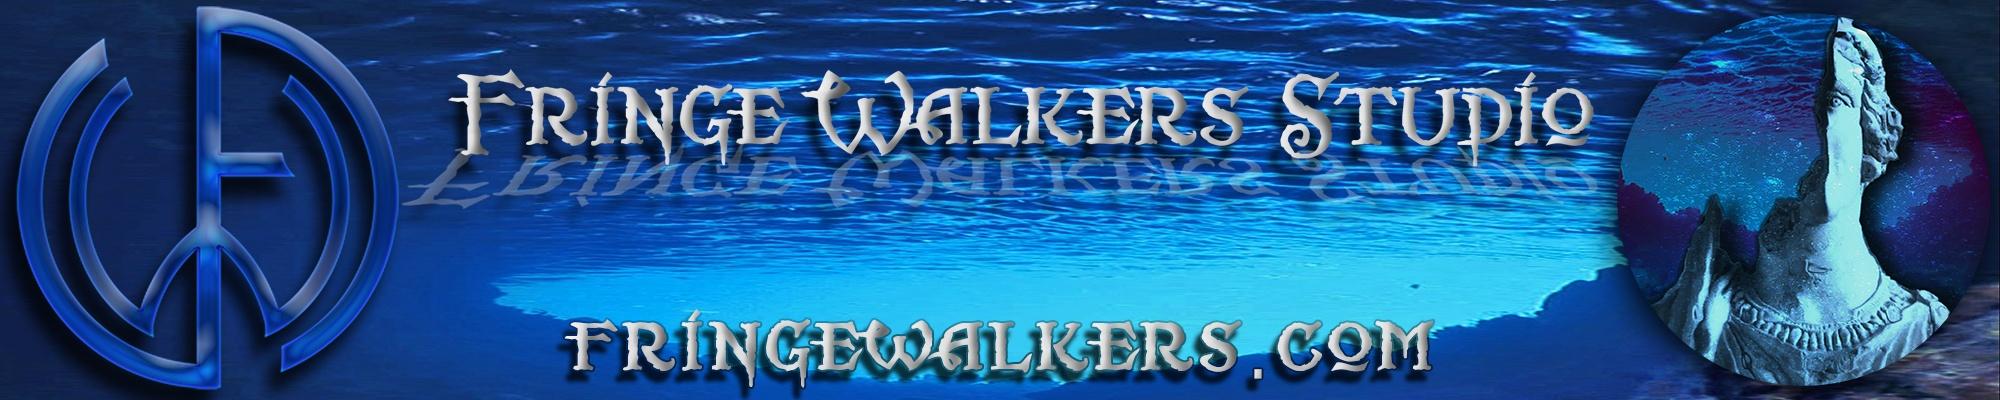 fringewalkers Cover